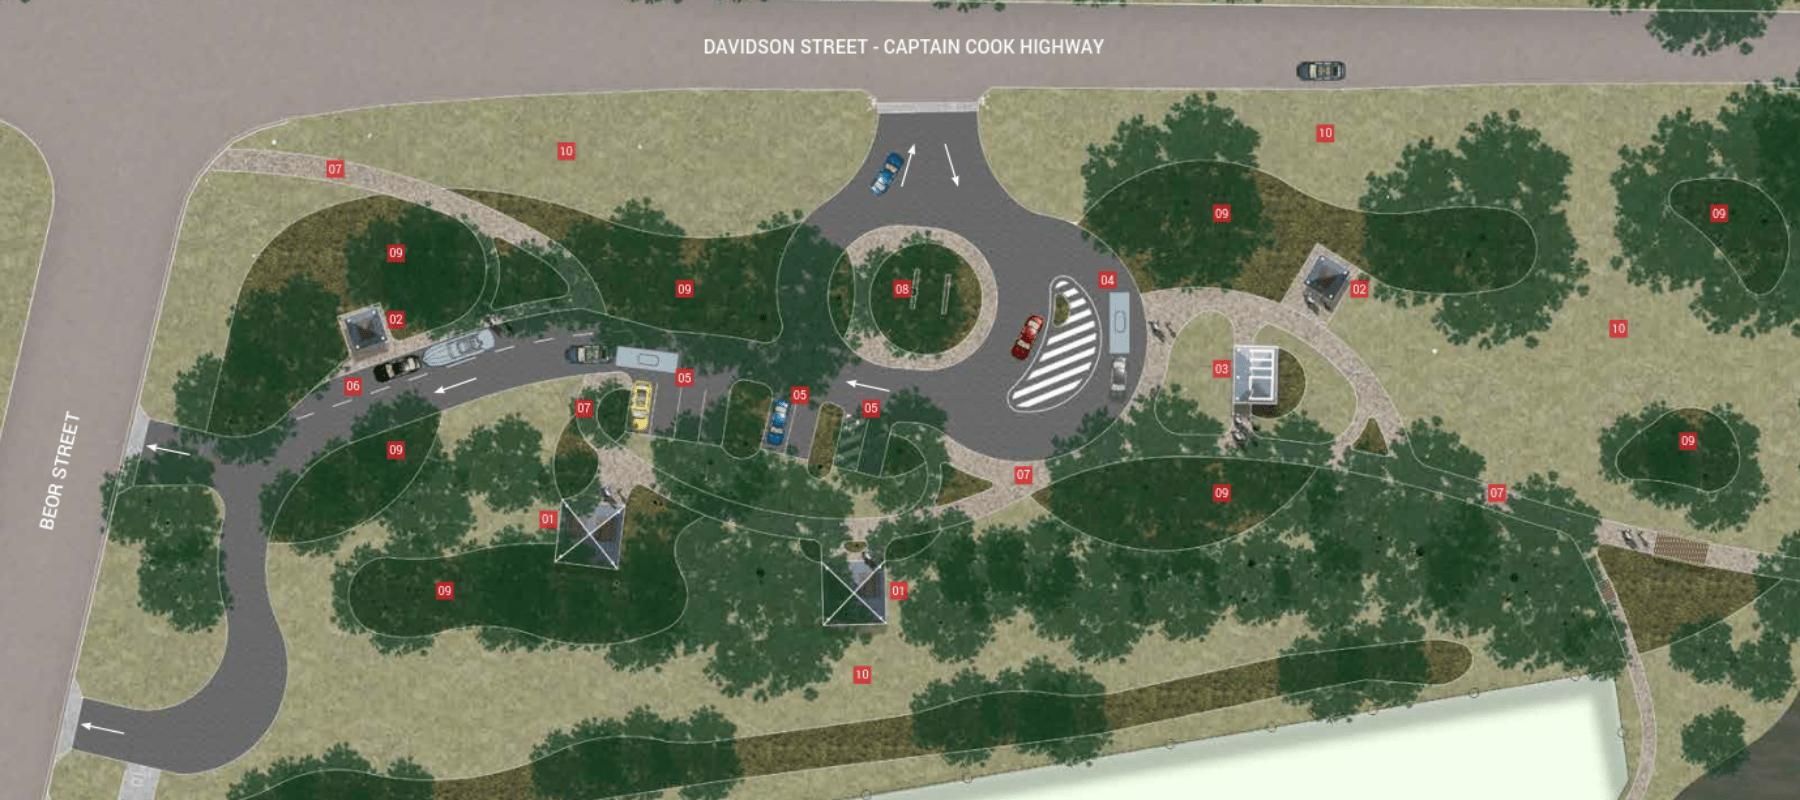 Teamsters Park Masterplan